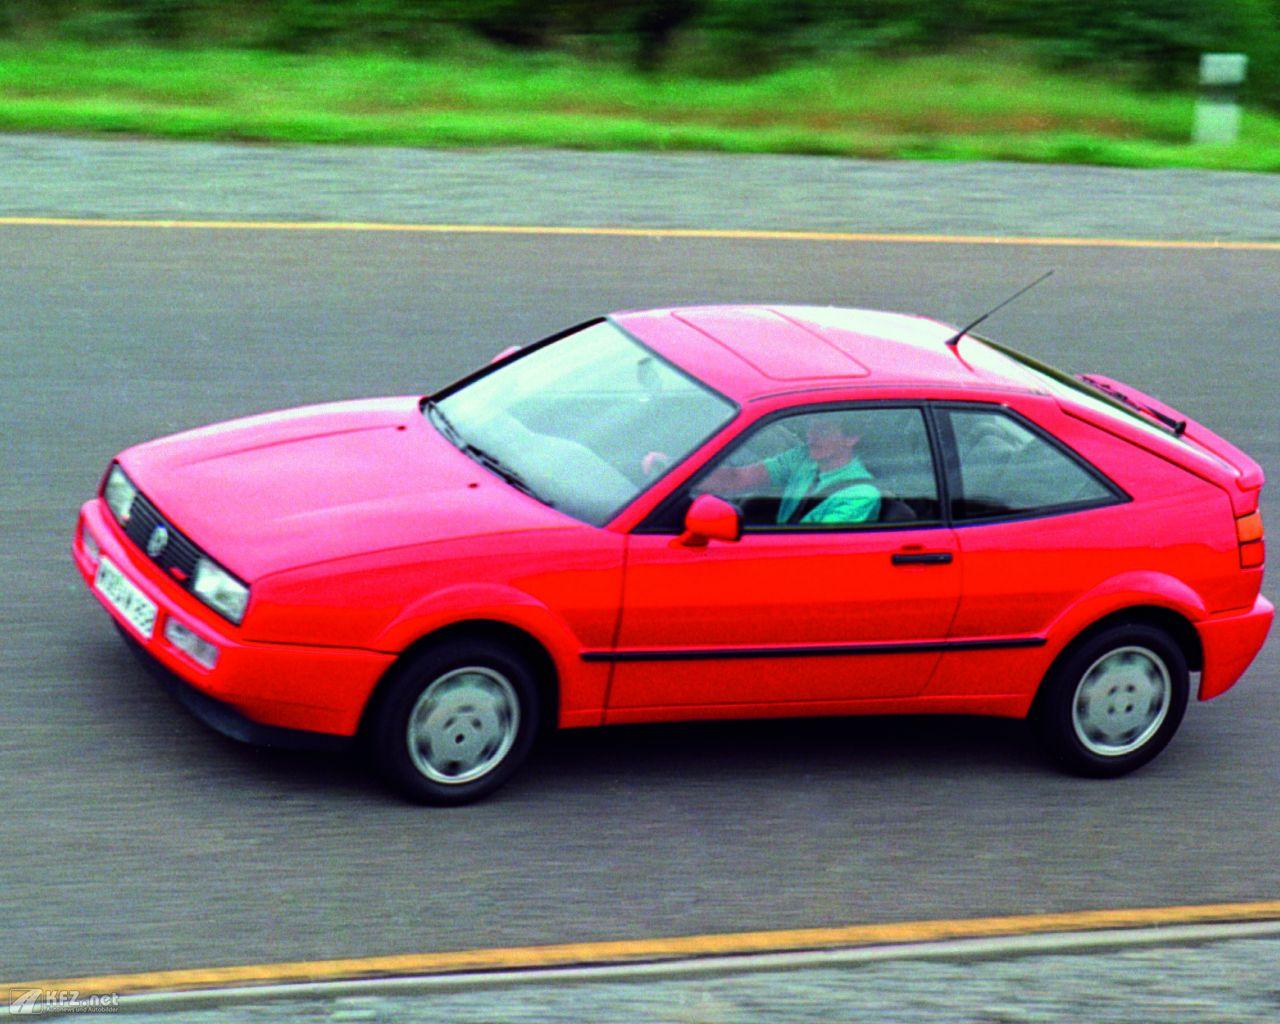 volkswagen-corrado-1280x1024-4